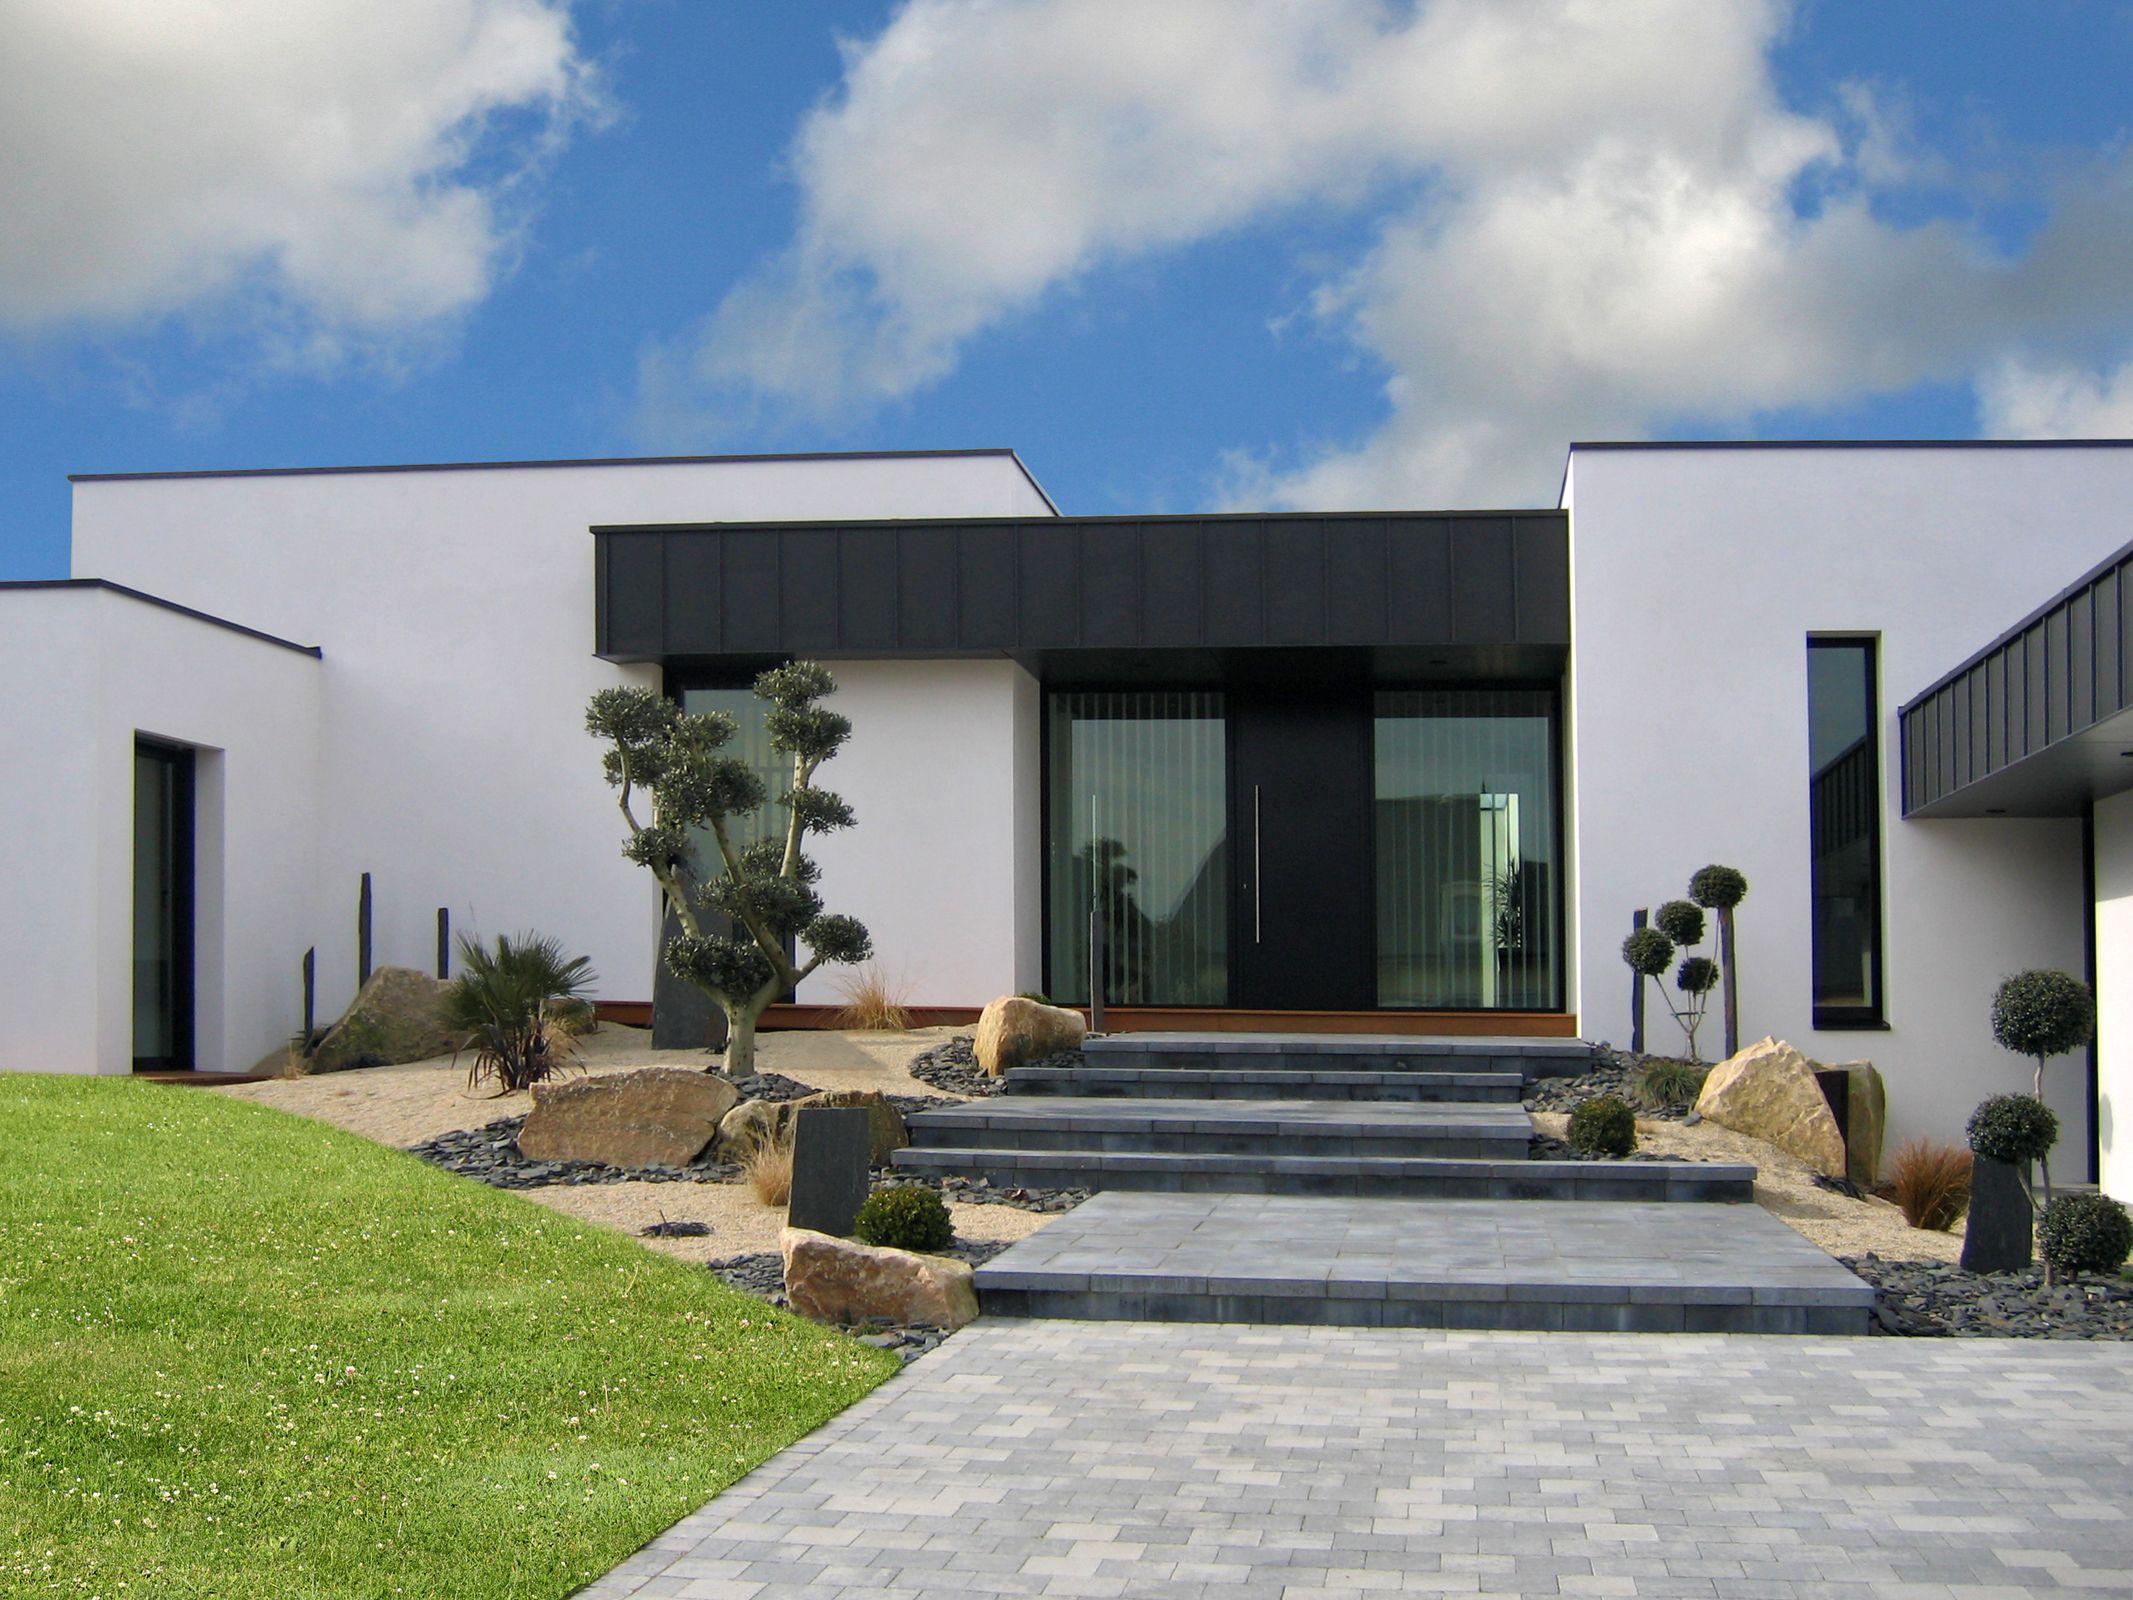 Amenagement.exterieur Maison Moderne - Recherche Google ... destiné Amanagement Extarieur Maison